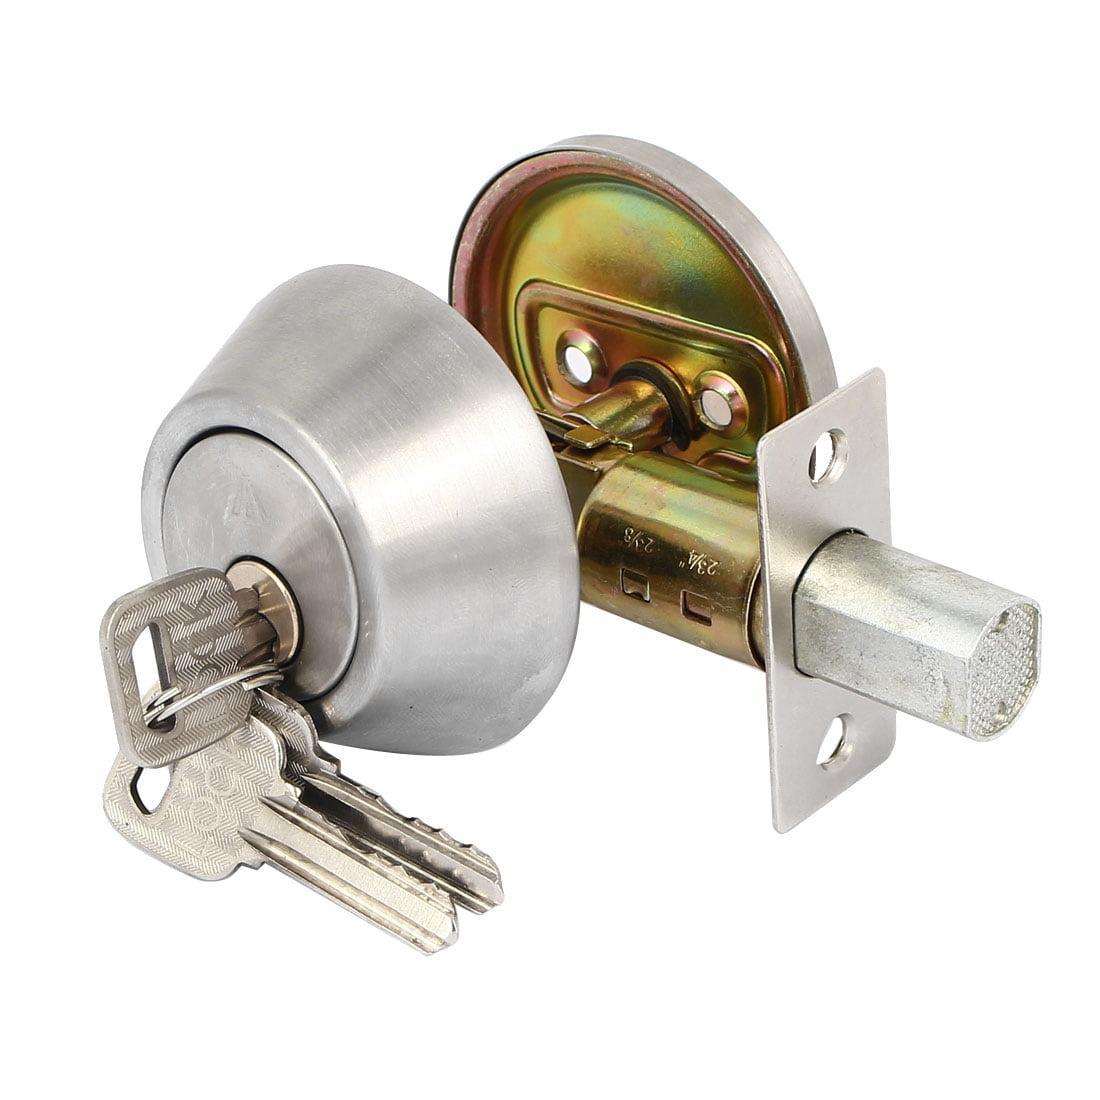 House Bedroom Door Metal Security Deadbolt Door Locks with keys Sliver Tone w Keys